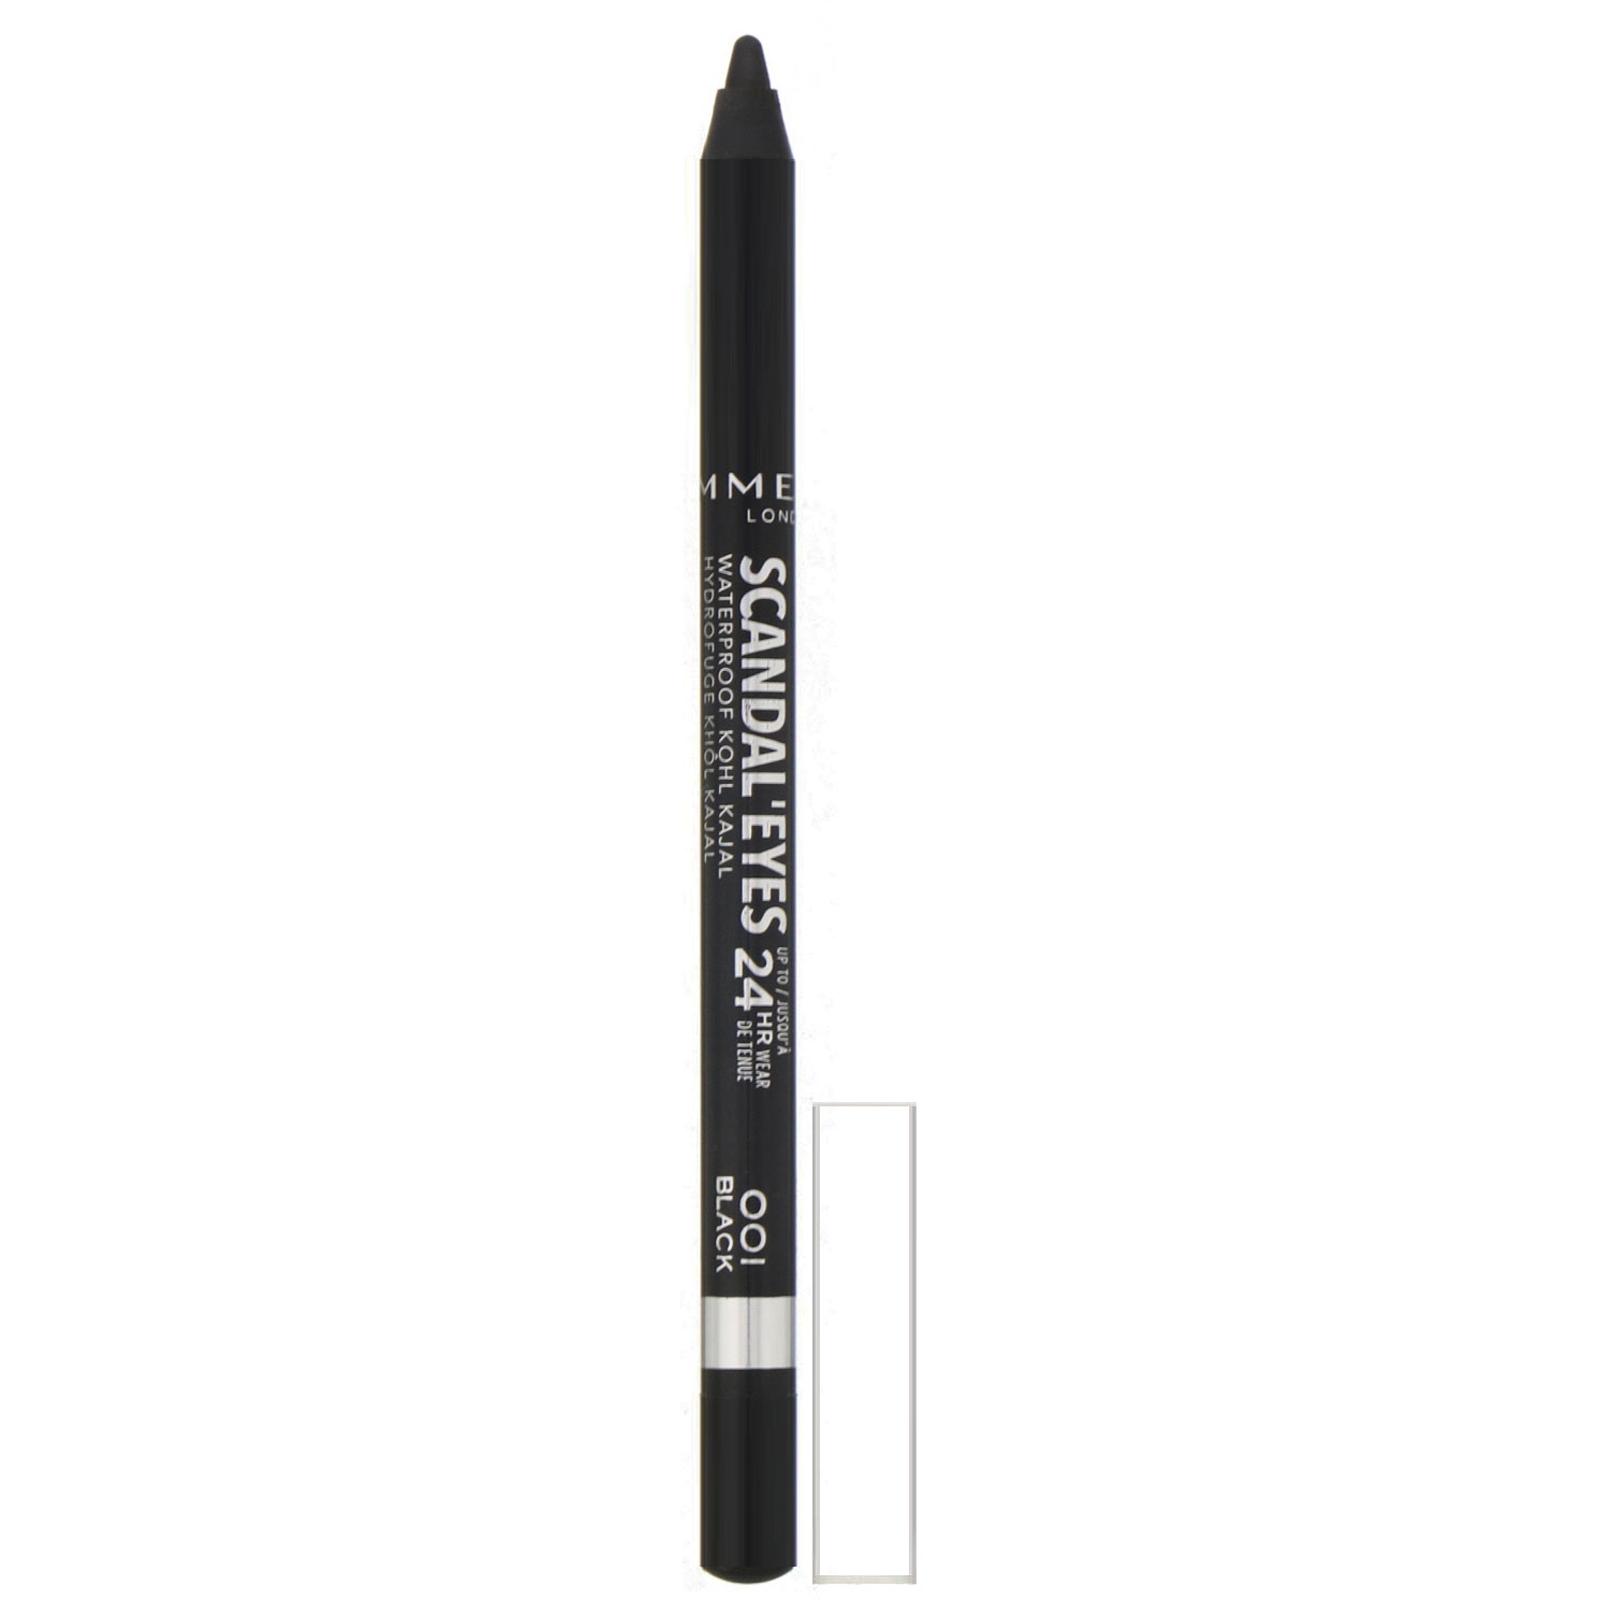 Rimmel London, Водостойкий карандаш для глаз Scandaleyes, стойкость 24 часа, оттенок 001 черный, 1,3 г